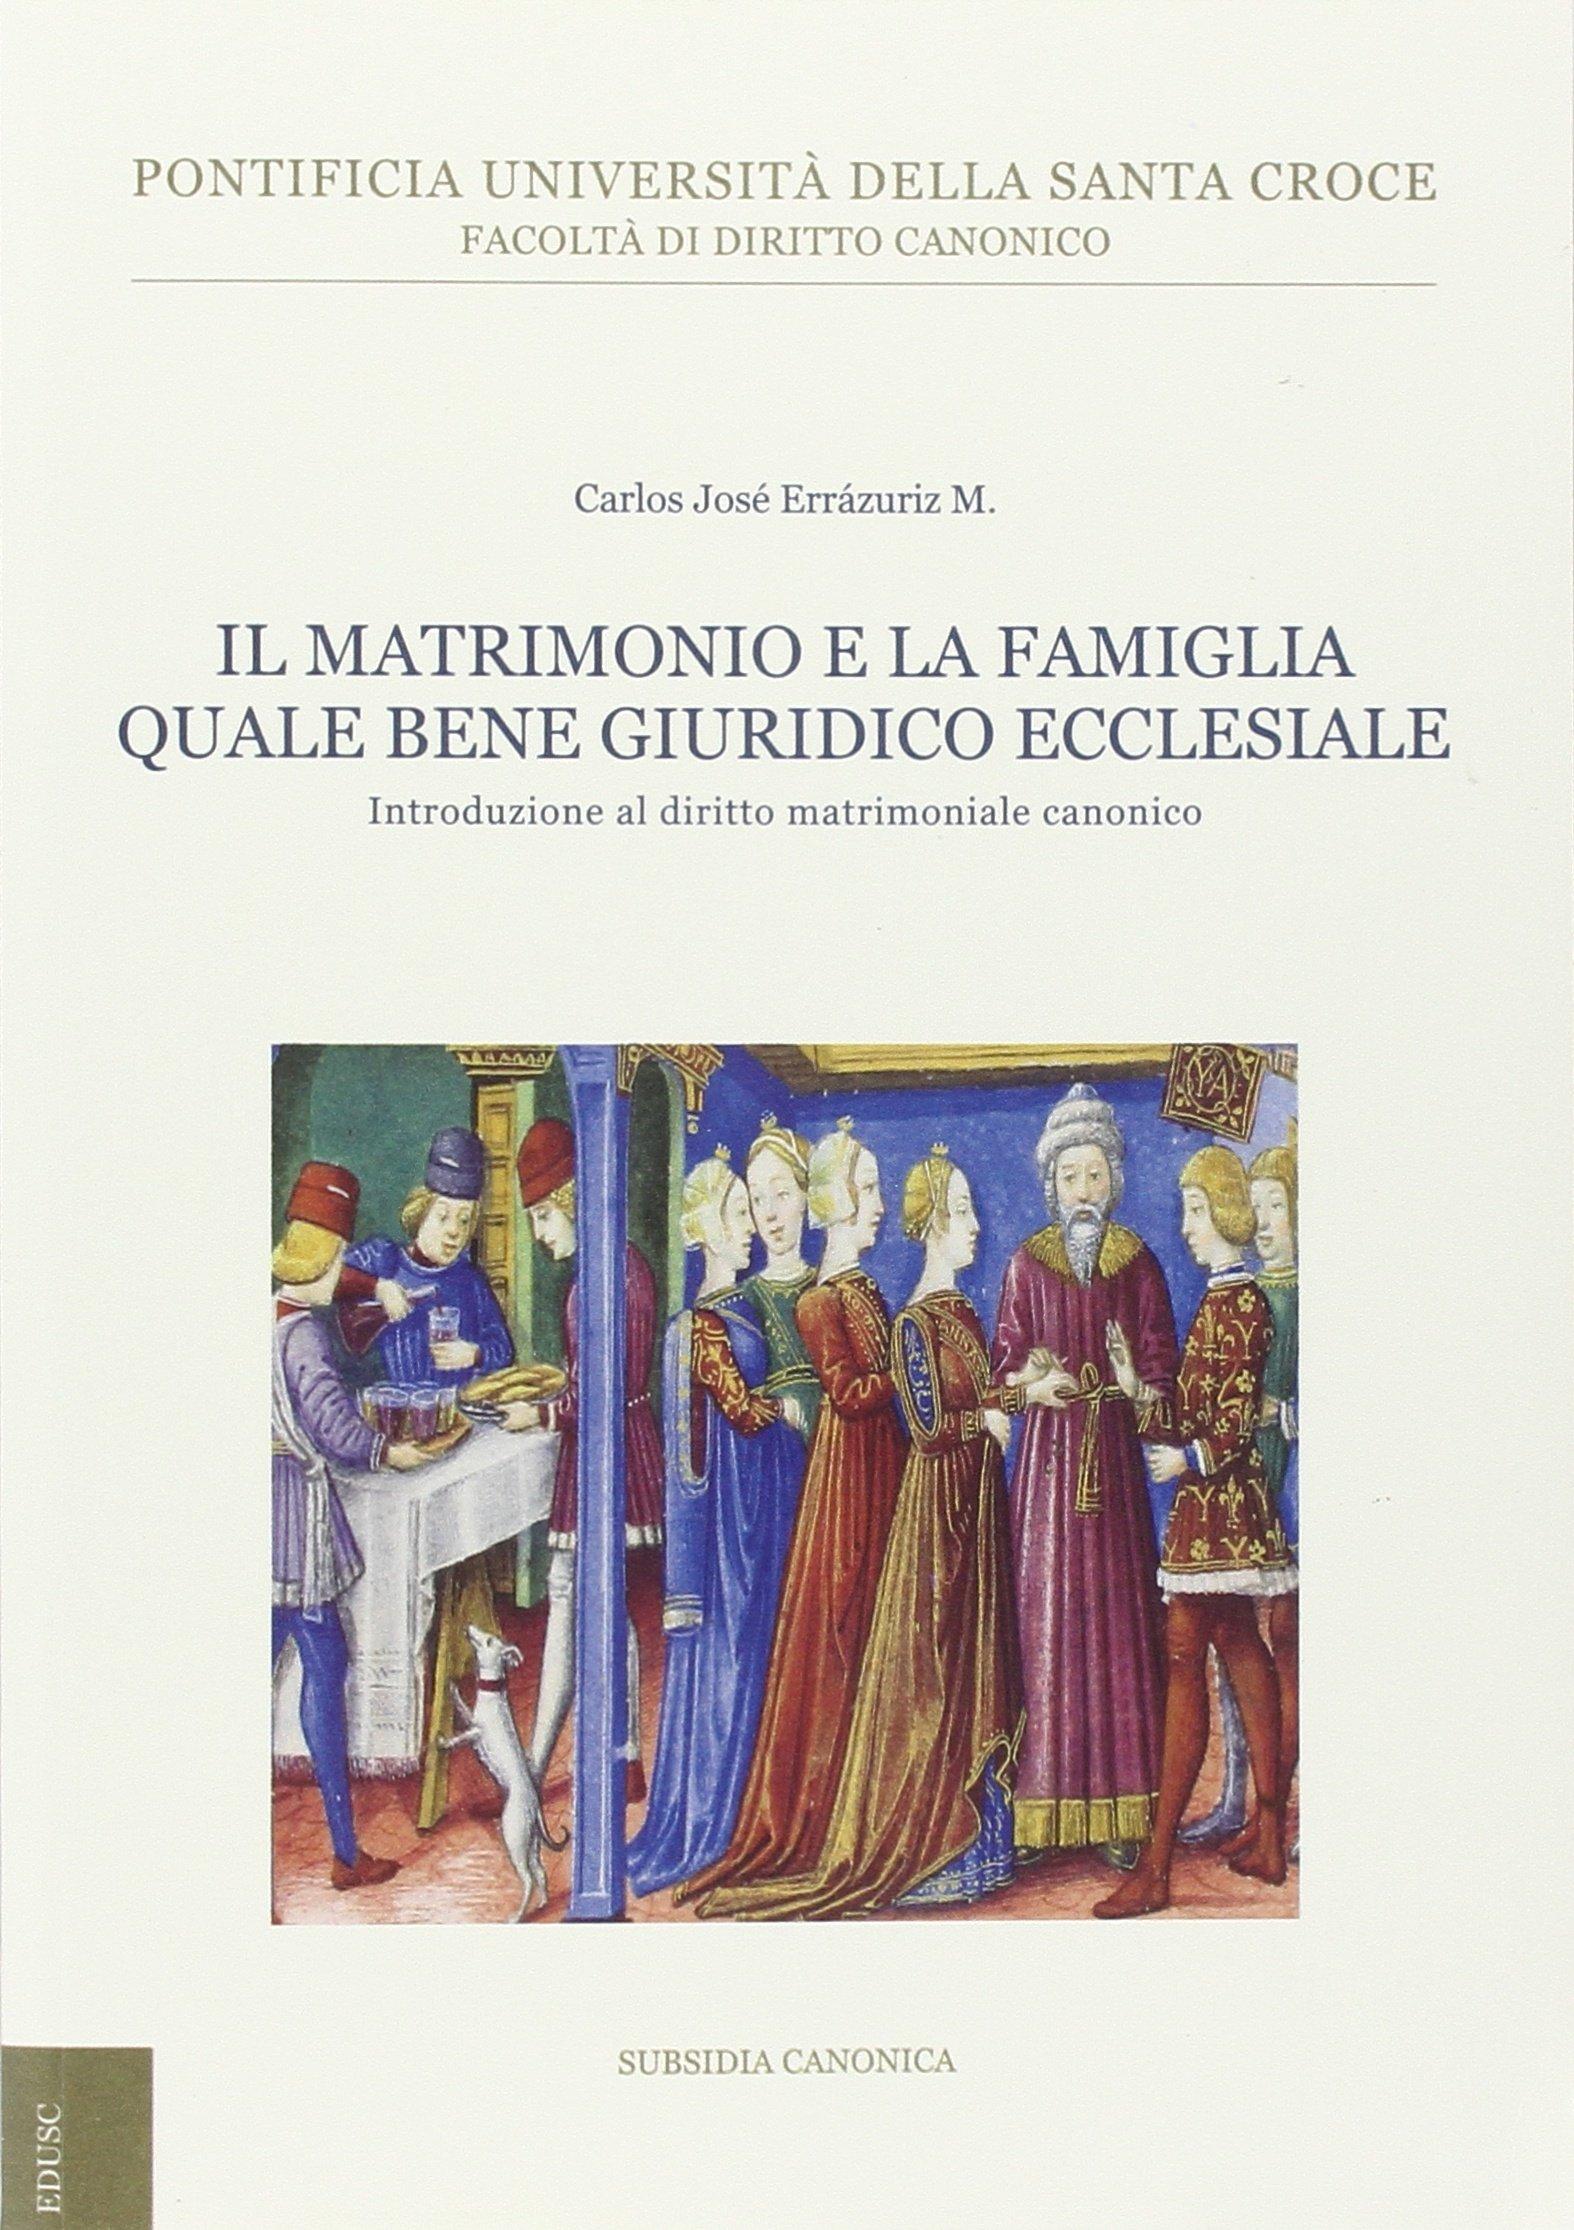 Il matrimonio e la famiglia quale bene giuridico ecclesiale. Introduzione al diritto matrimoniale canonico.